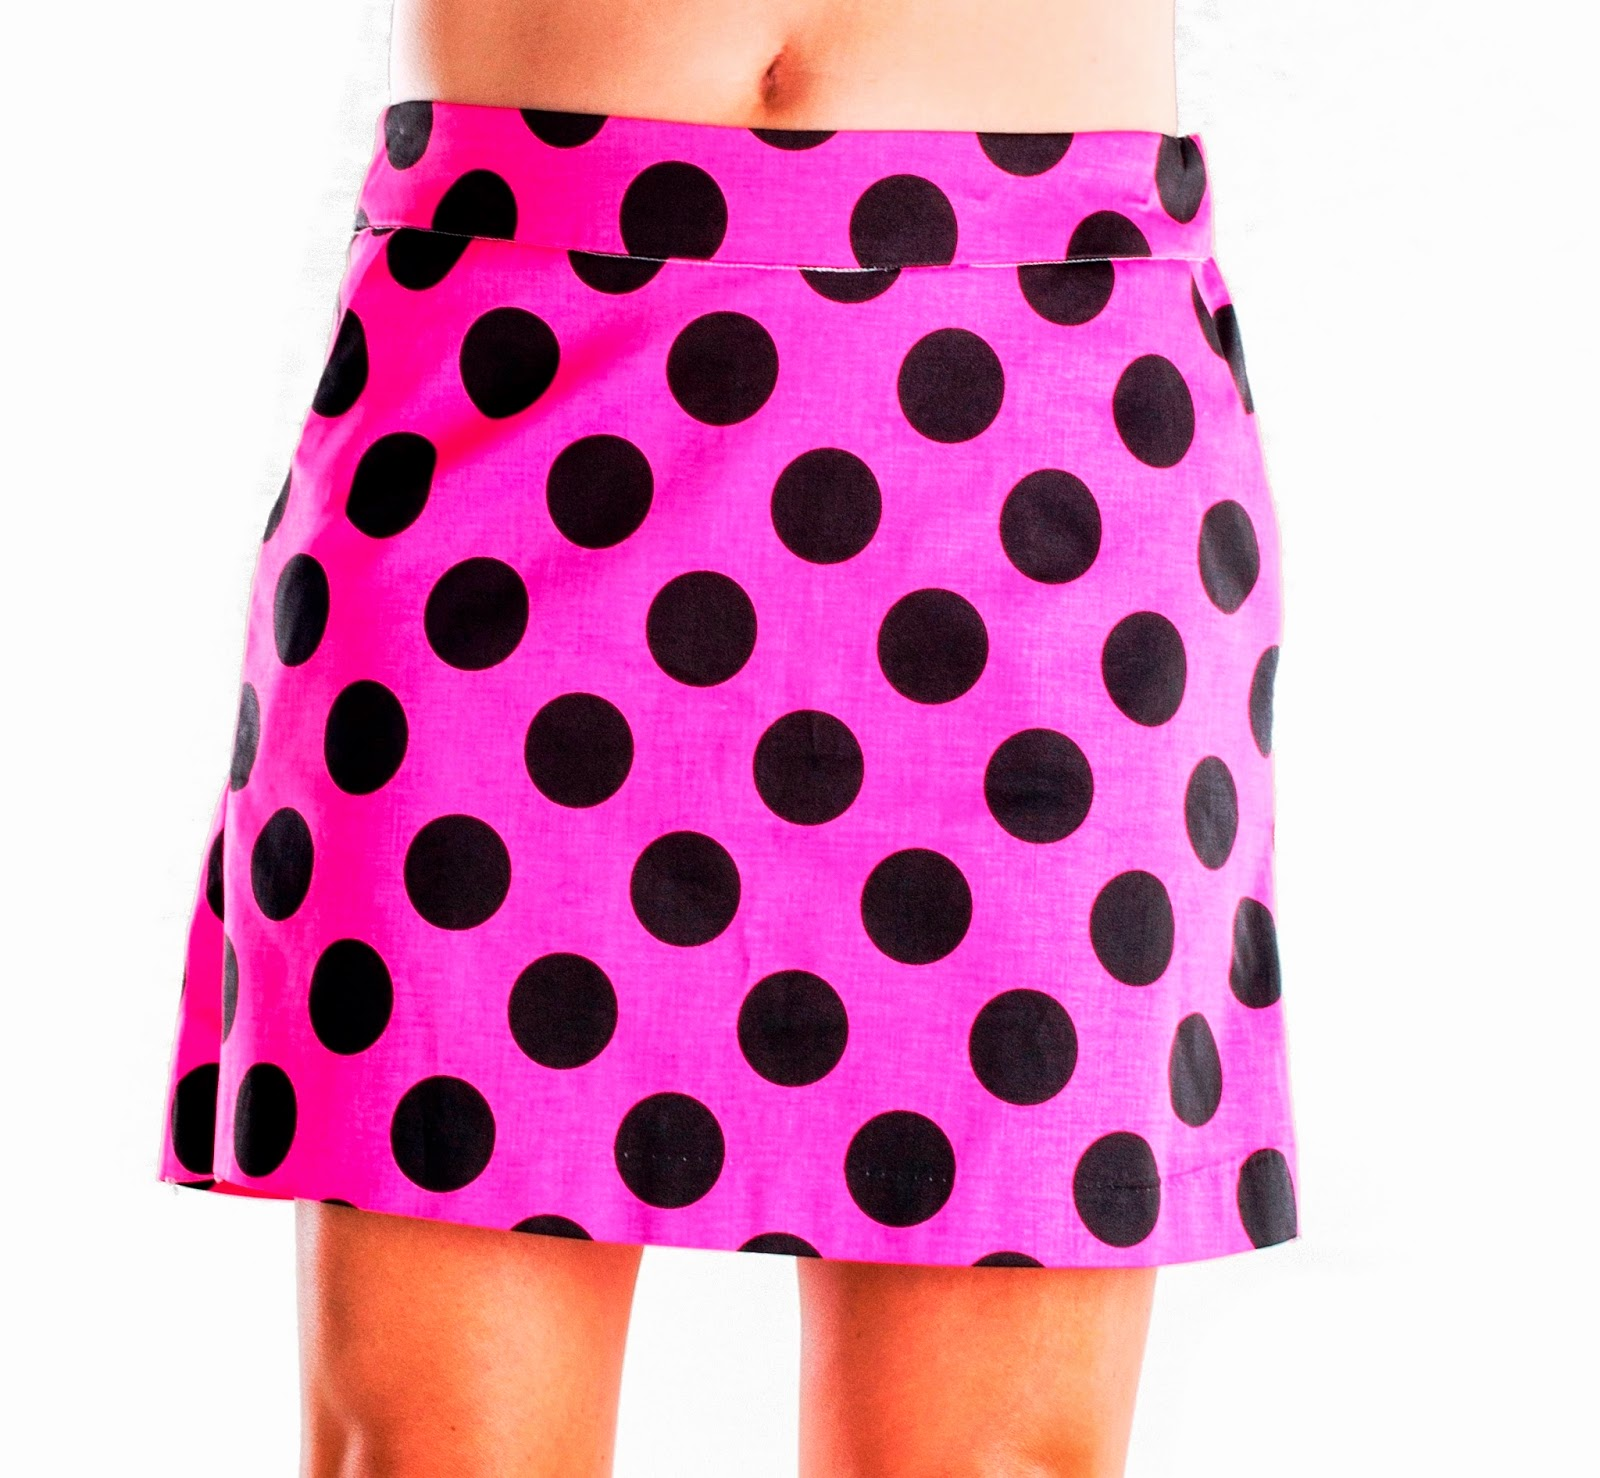 http://www.pinkgolftees.com/haute-shot-golf-baby-got-backspin-skort.html